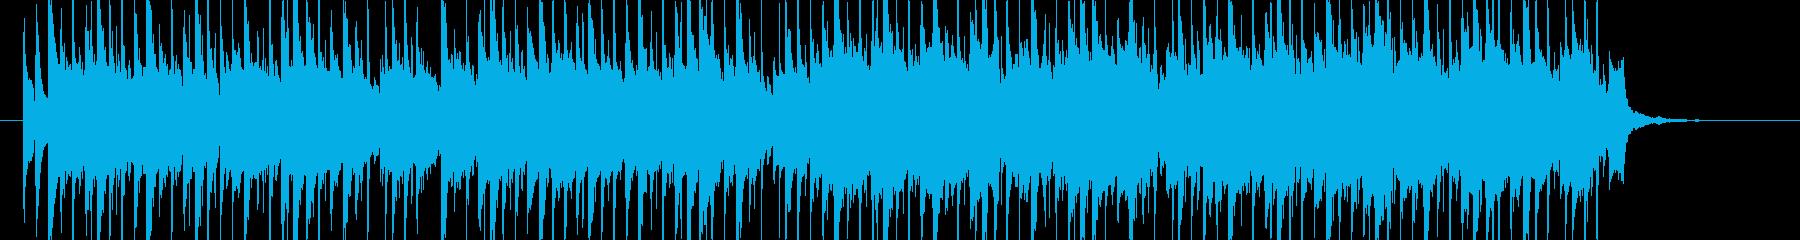 琴を使ったほのぼの和風曲 OP/ED向きの再生済みの波形